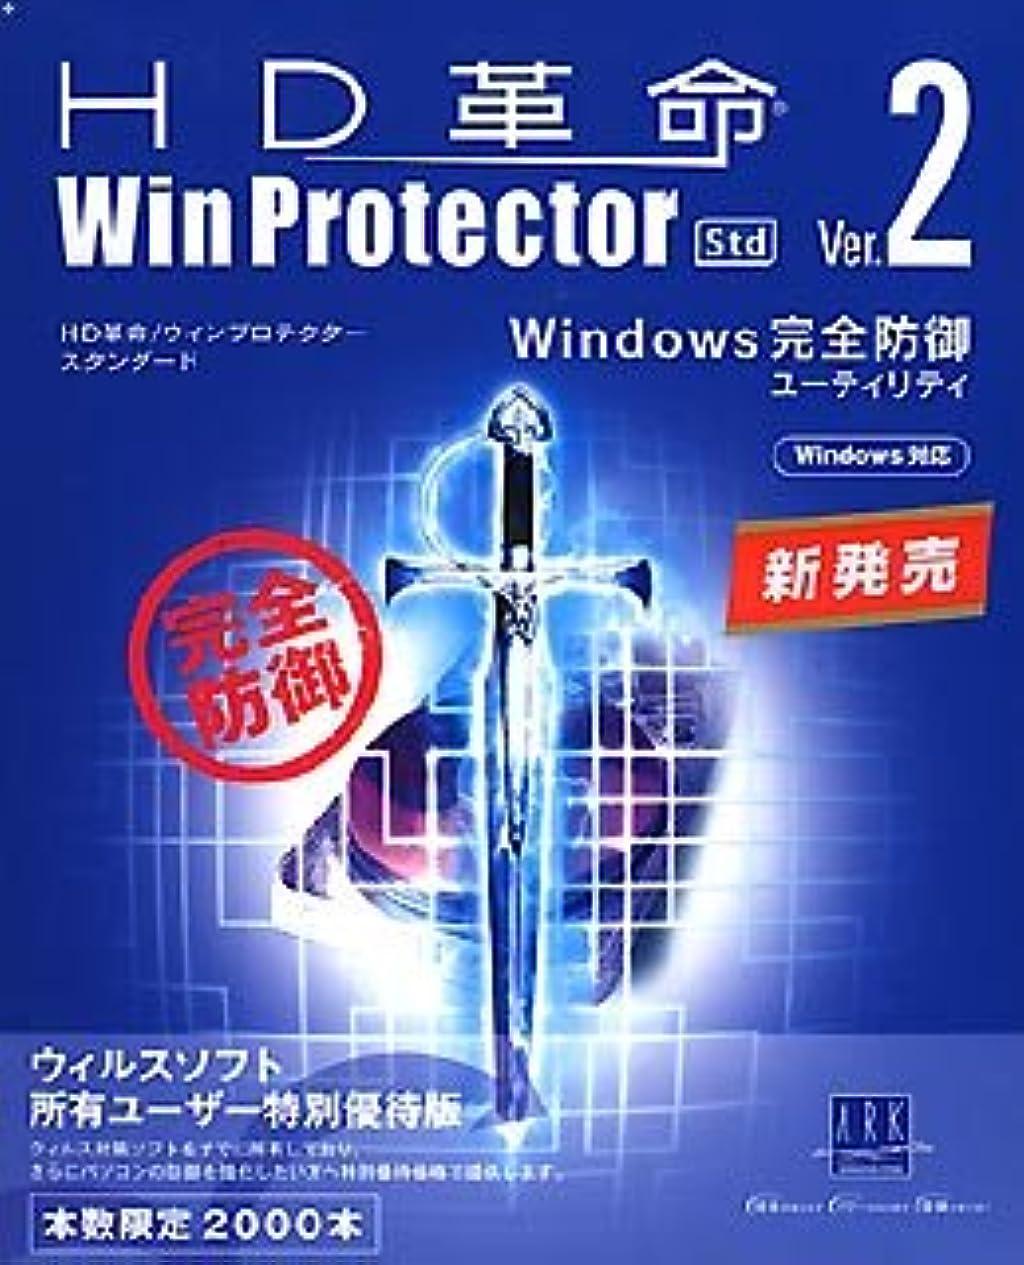 世界の窓シェア輸血HD革命 / Win Protector Ver.2 Std ウイルスソフト所有ユーザー特別優待版